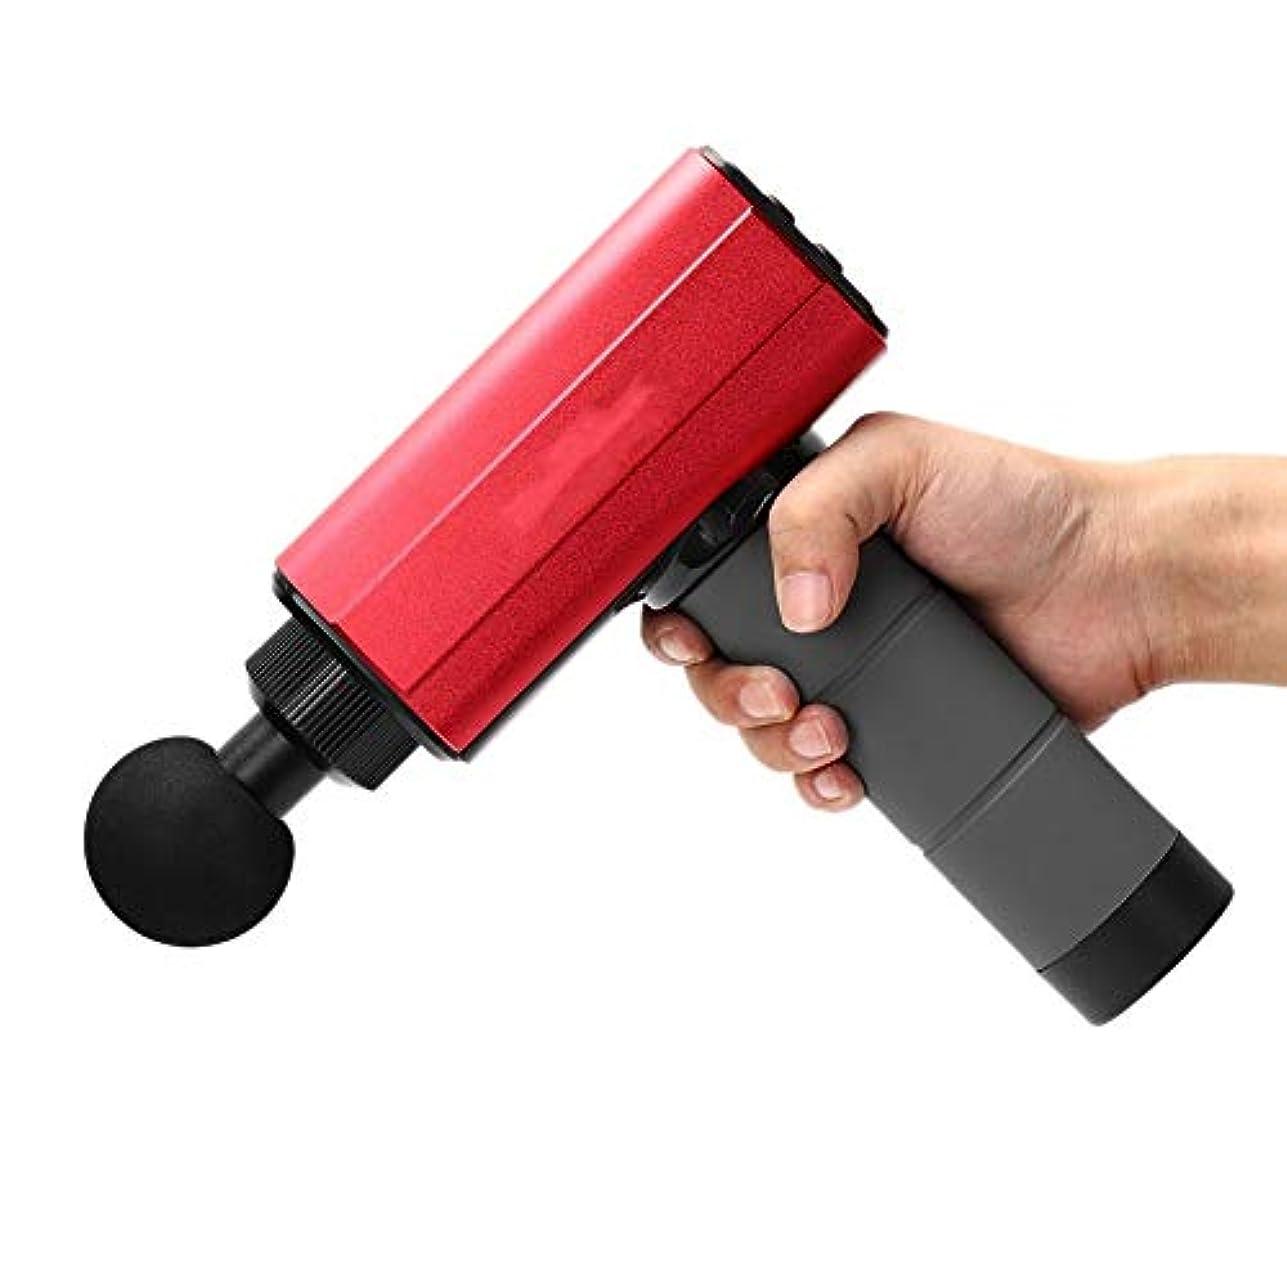 上に振り返る代わりの手持ち型の深いティッシュ筋肉マッサージャー銃の再充電可能なマッサージ装置、体の痛みのための専門のコードレスパーカッション(US Plug)